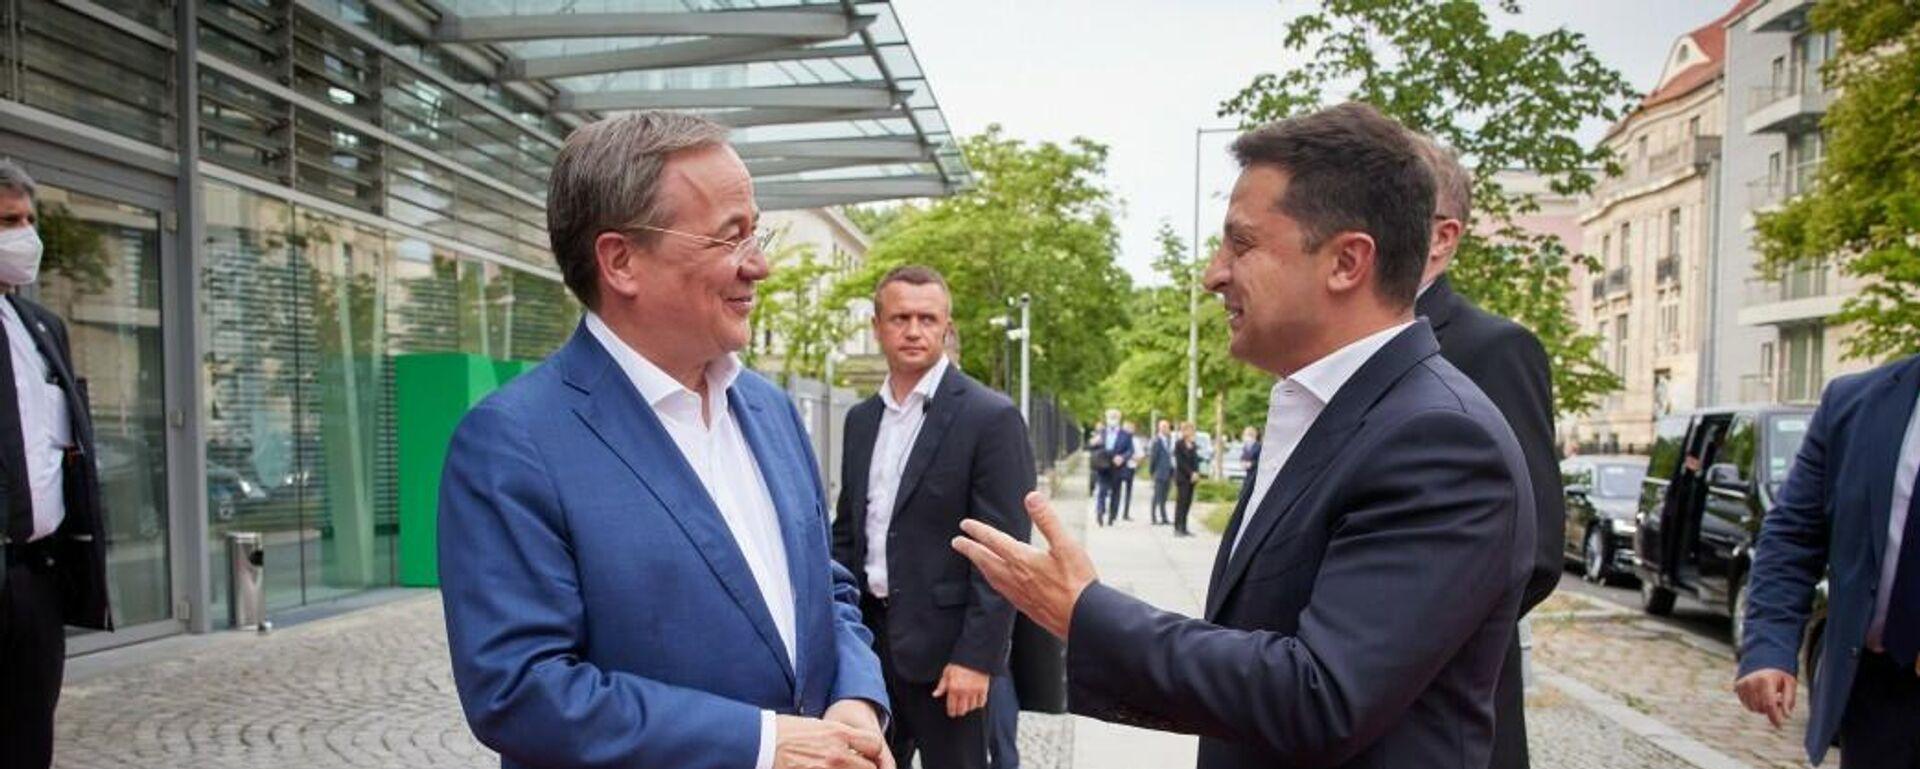 Präsident der Ukraine Wladimir Selenski und CDU-Chef Armin Laschet in Berlin, den 11. Juli 2021 - SNA, 1920, 12.07.2021